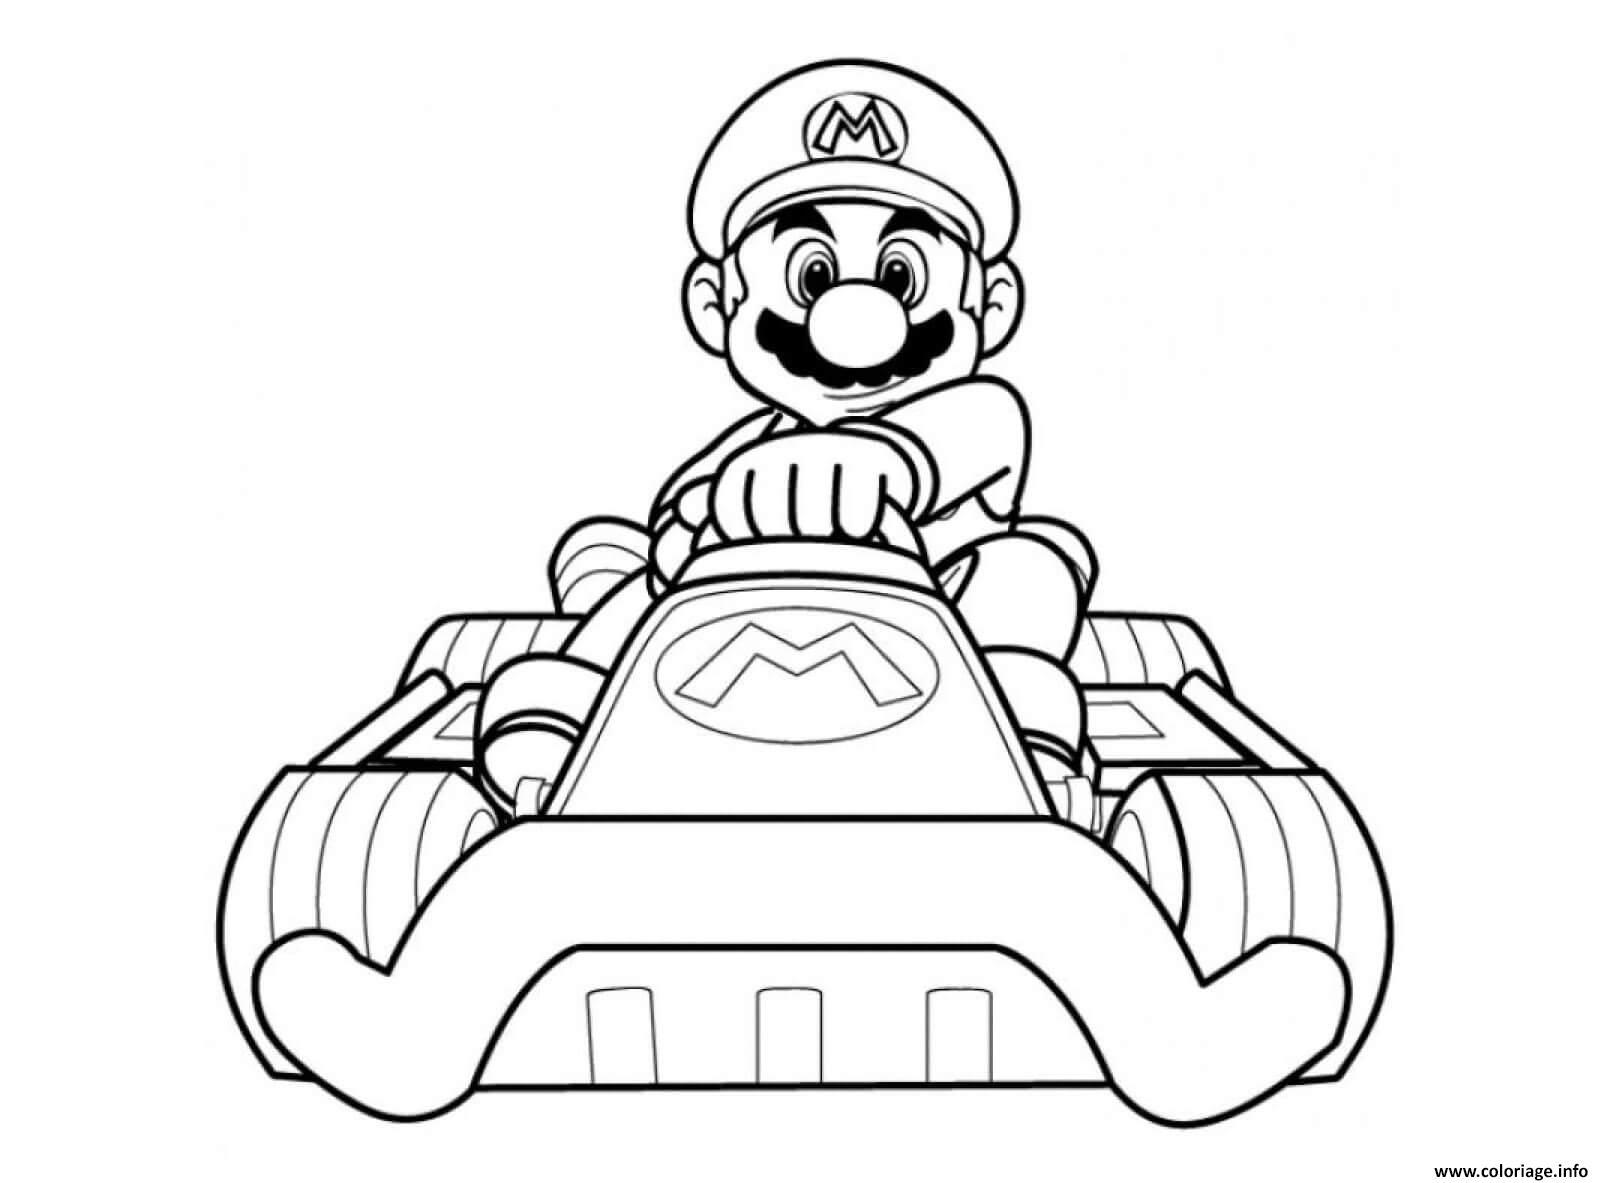 Dessin mario kart wii avec sa voiture Coloriage Gratuit à Imprimer